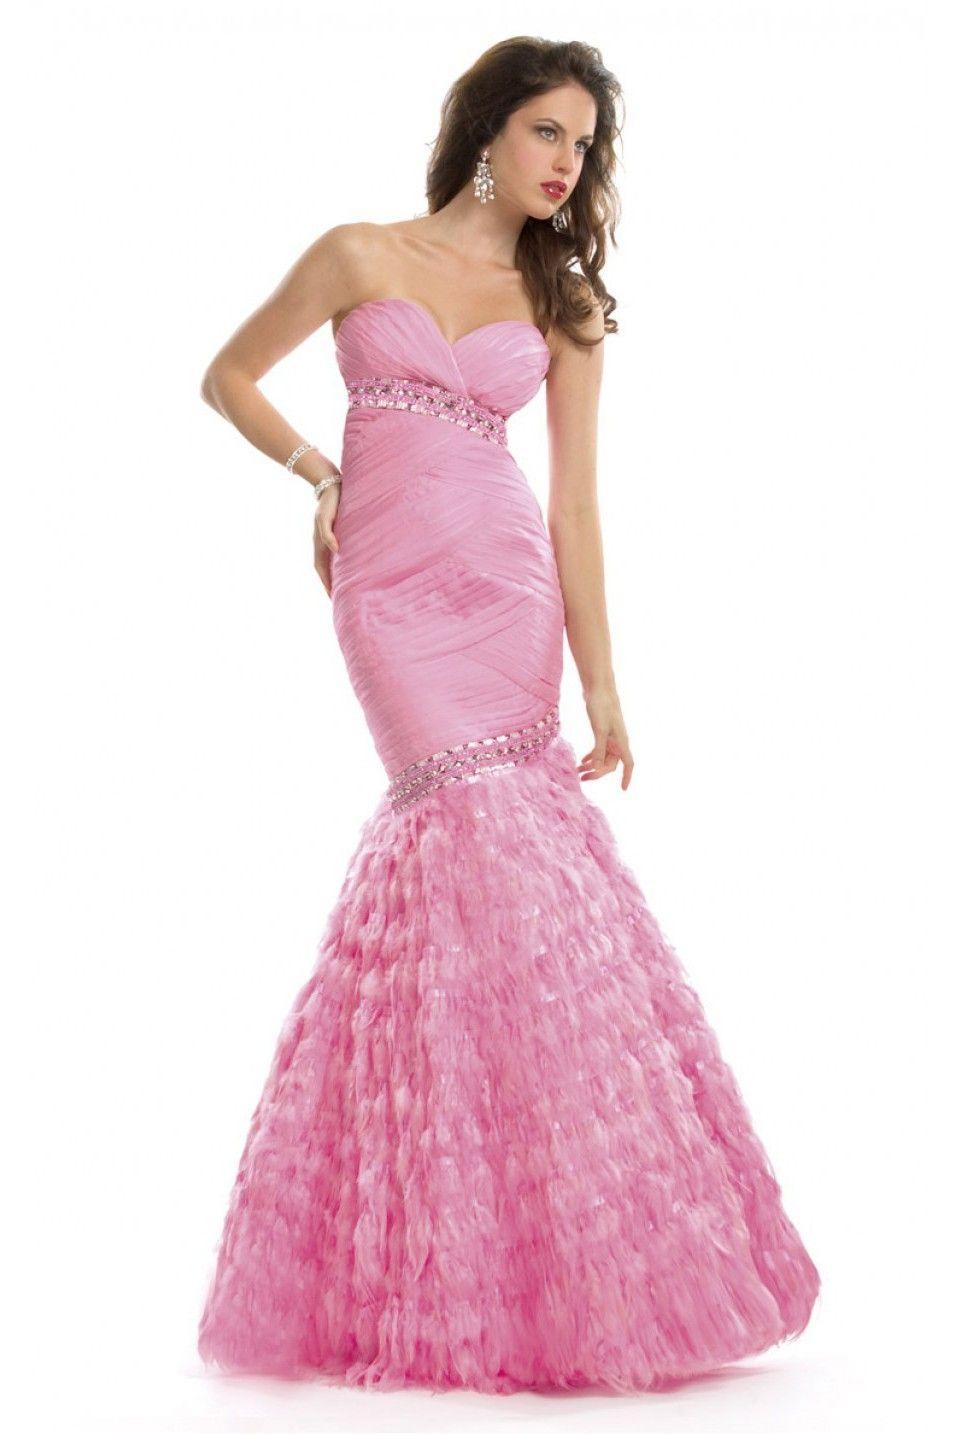 Encantador Prom Vestidos Edmonton Ilustración - Colección de ...